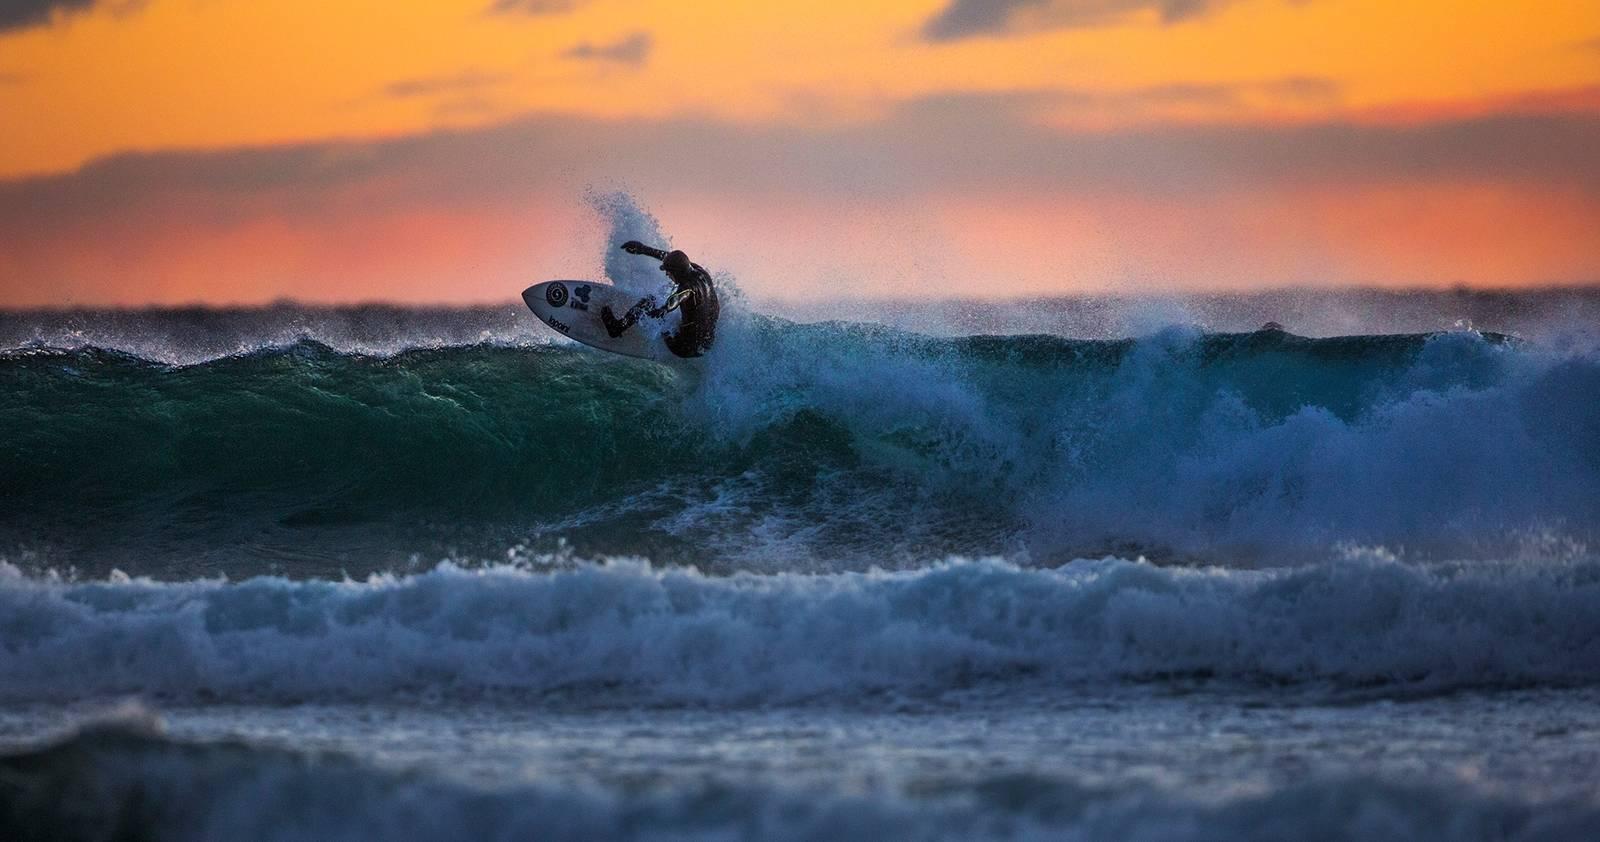 EPISENTERET: Brukere av Saltstein (her Espen Evertsen) avhengig av Saltstein for at surfing skal eksistere som en sport på Østlandet. Bilde: Mats Grimsæth